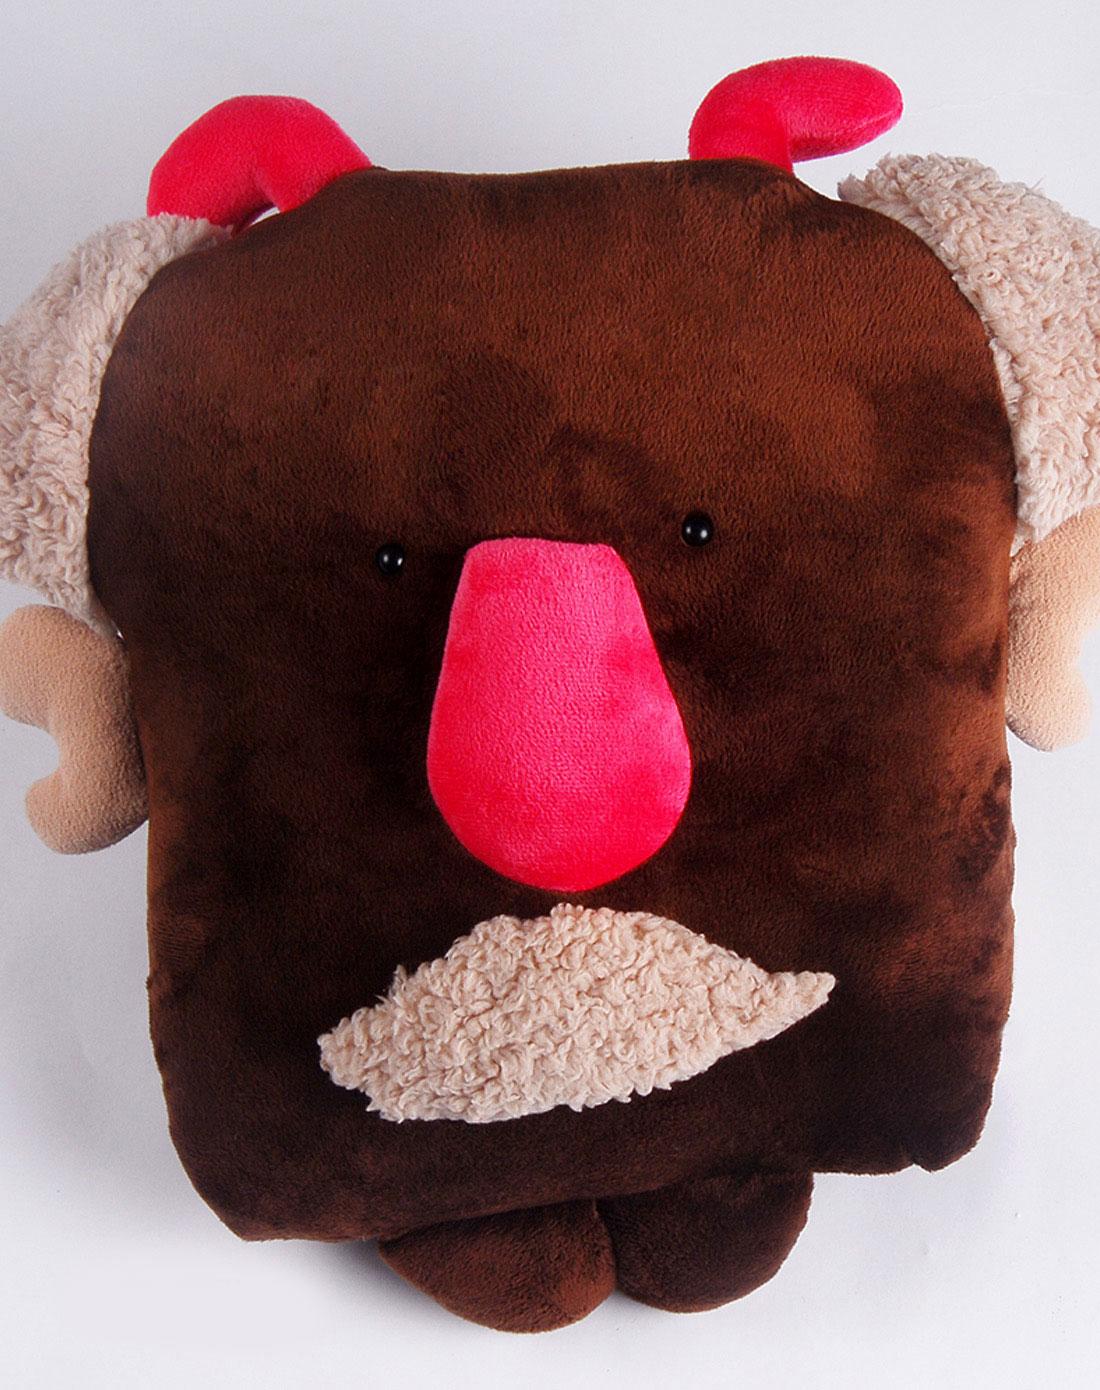 可爱大鼻子小丑爷爷抱枕